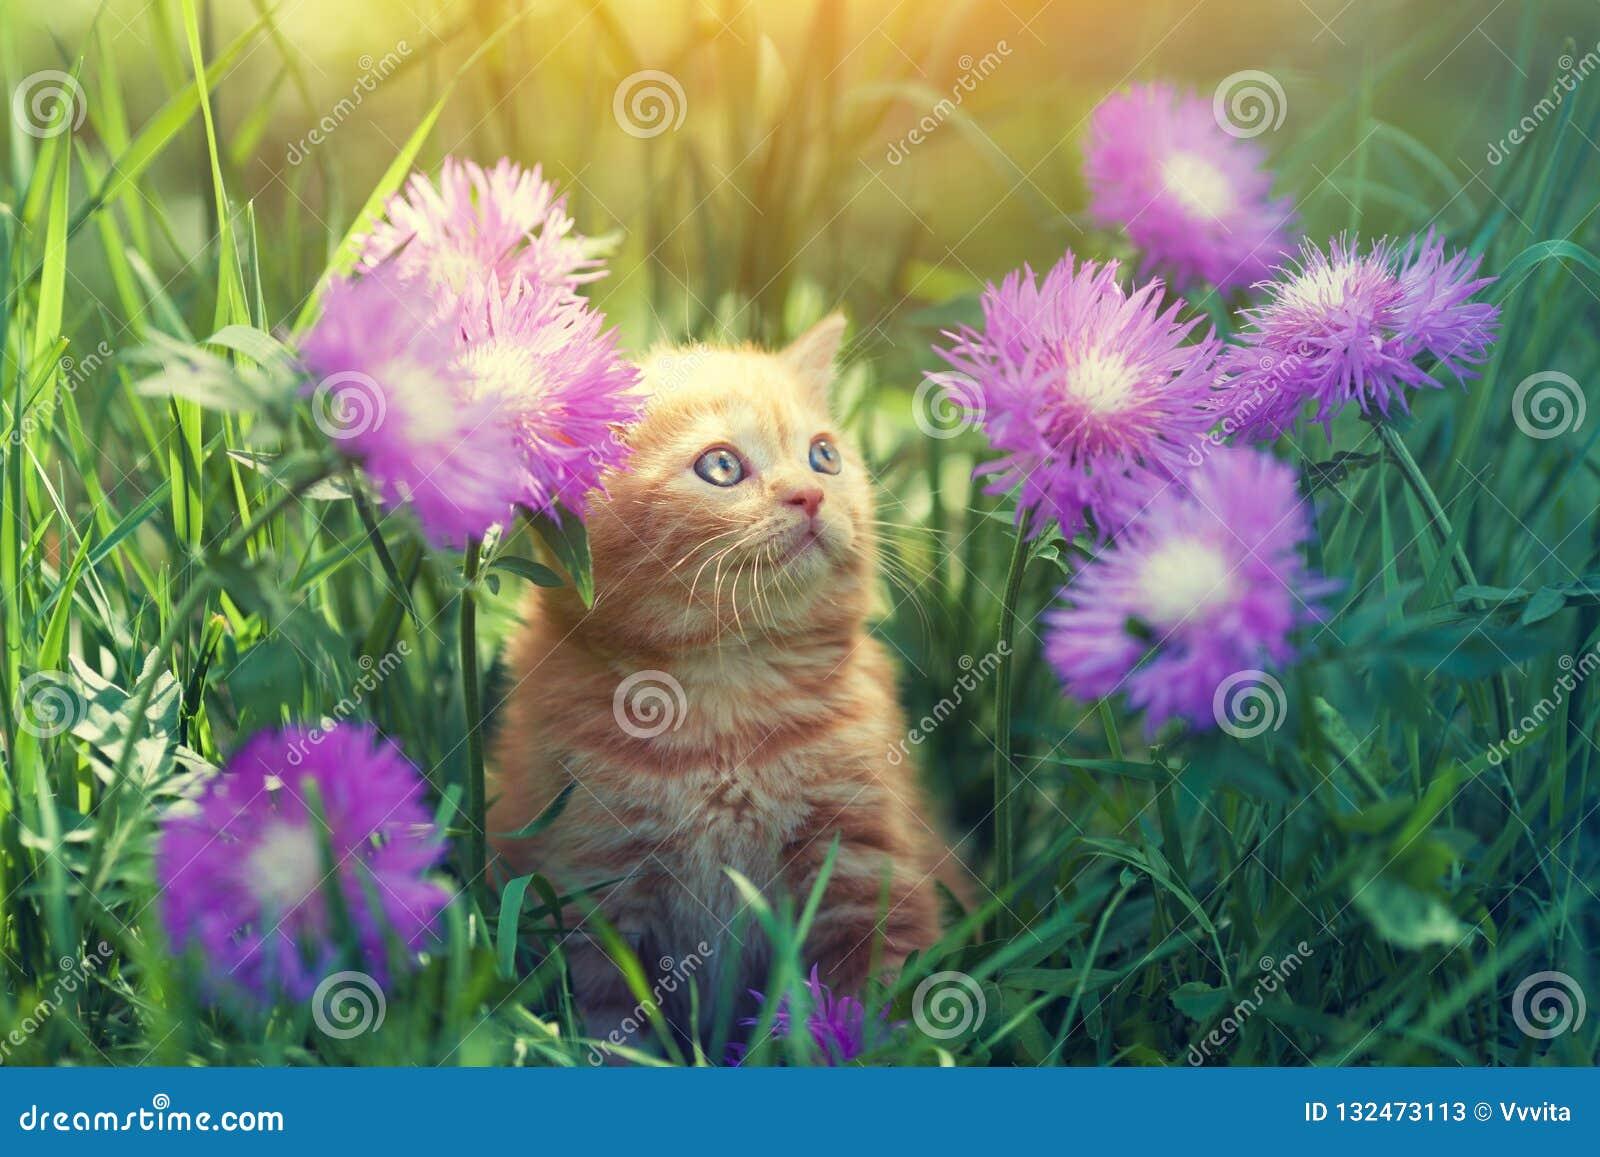 Котенок идет на флористическую лужайку